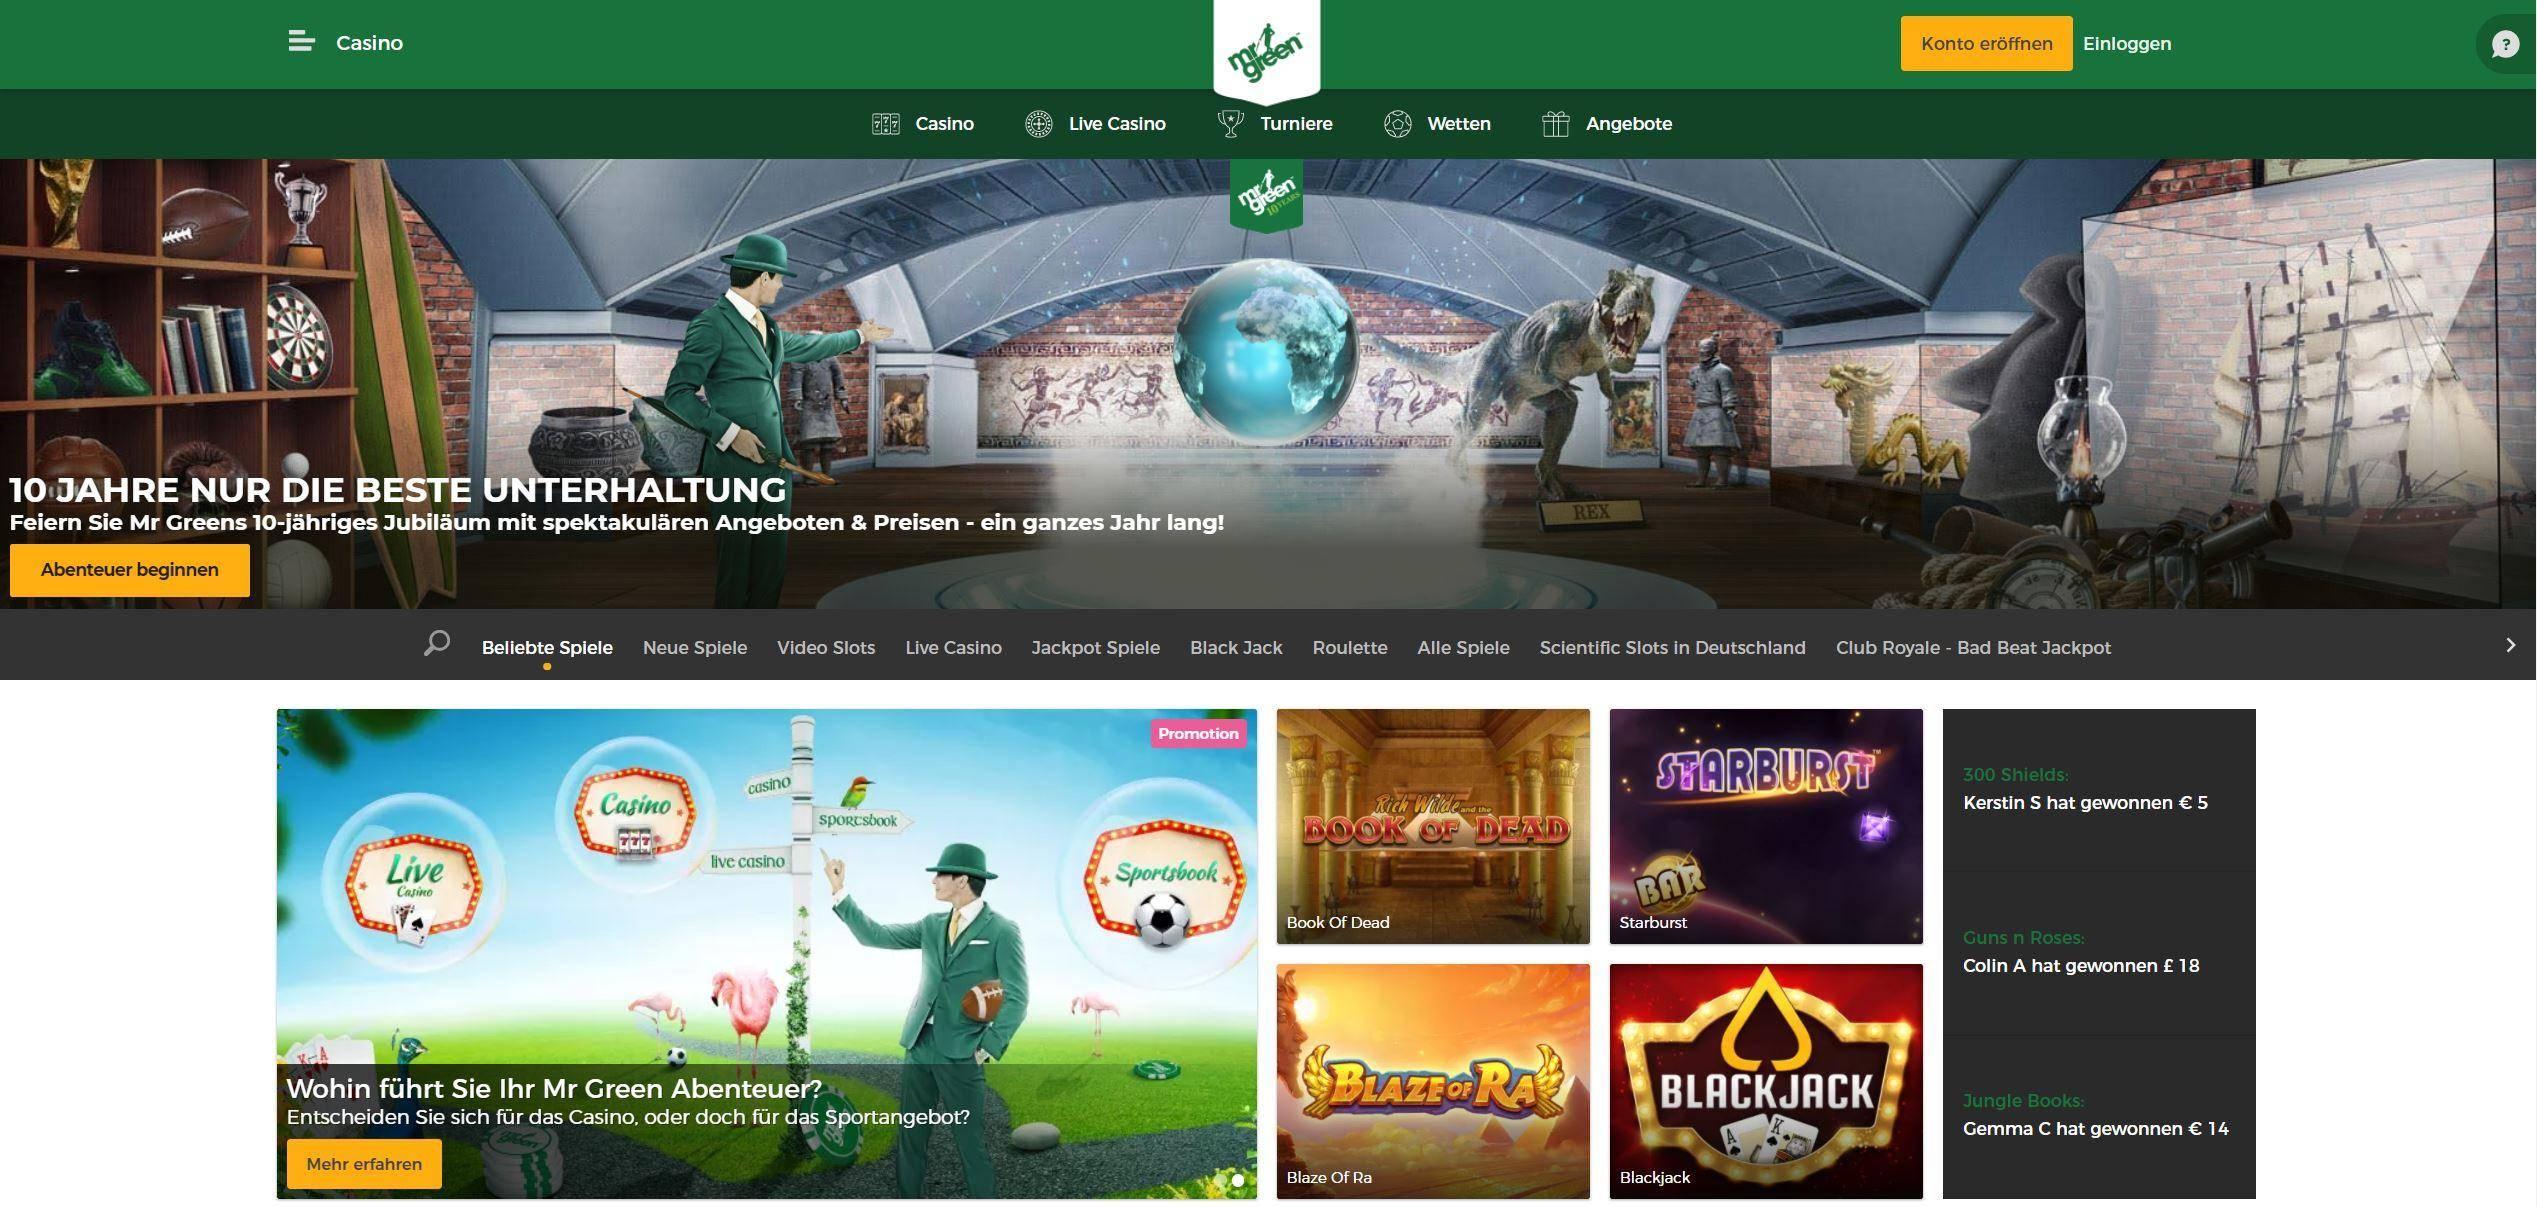 Drück Glück Casino - Erfahrungen zu Bonus, Auszahlung und vielem mehr